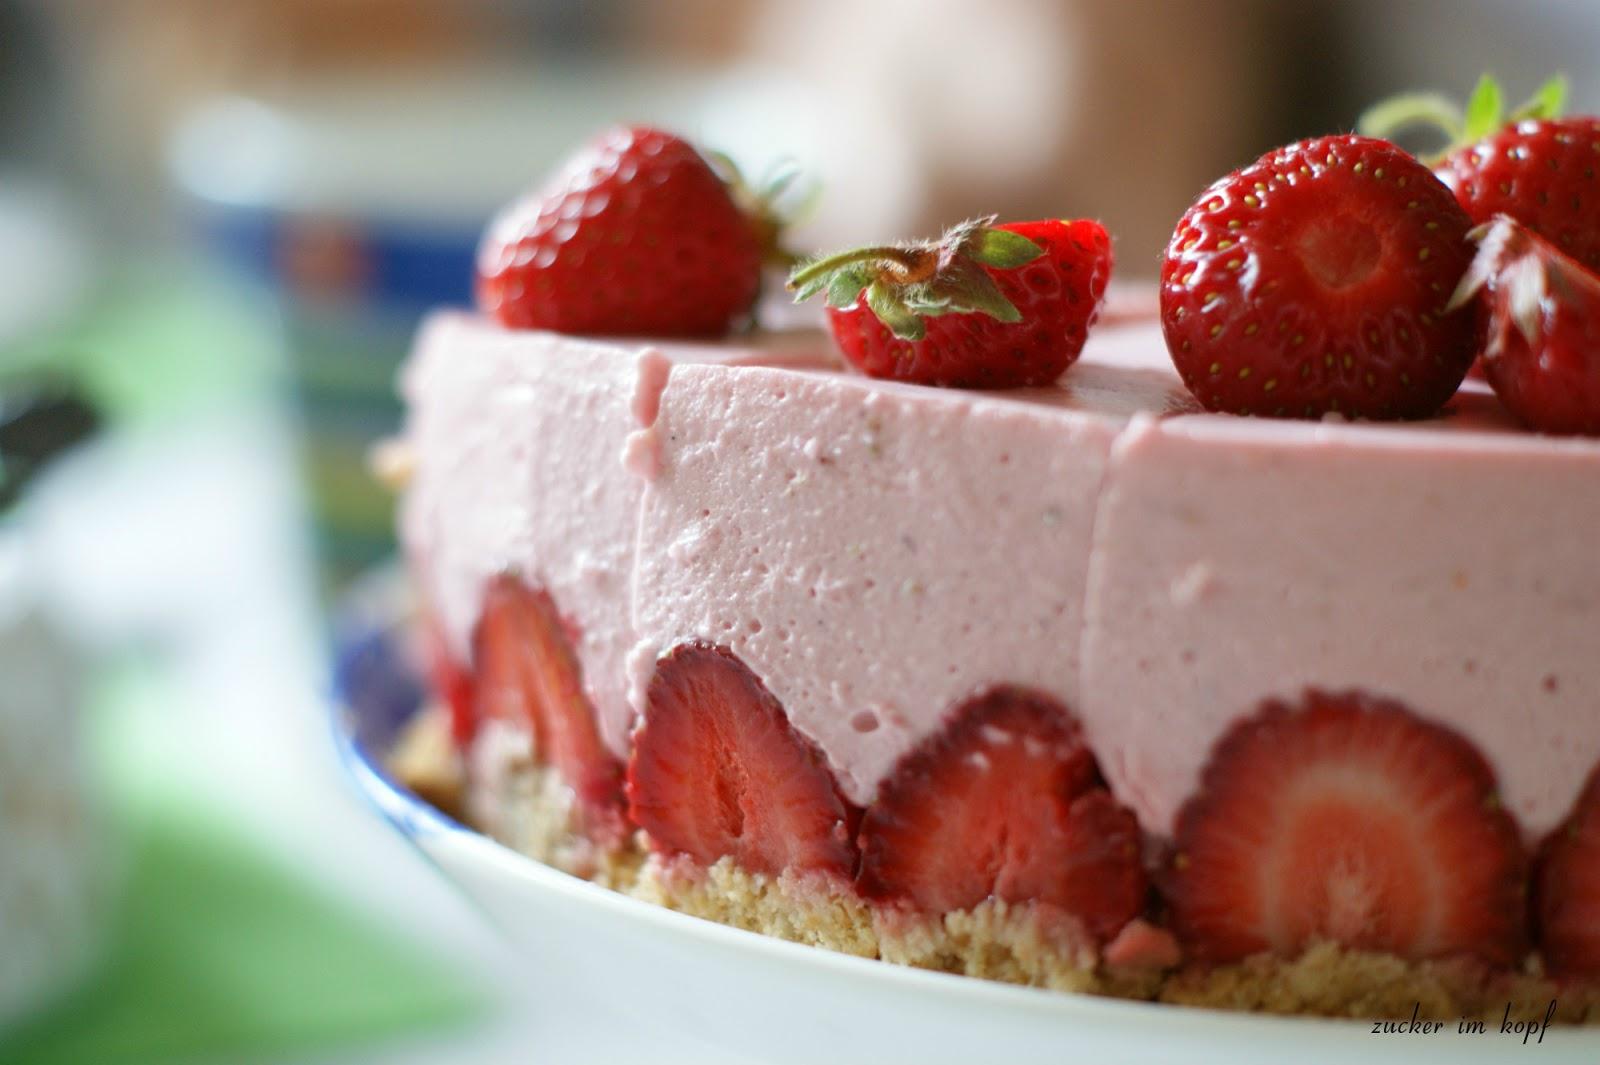 zucker im kopf strawberrylove no bake erdbeer cheesecake von fr ulein klein. Black Bedroom Furniture Sets. Home Design Ideas